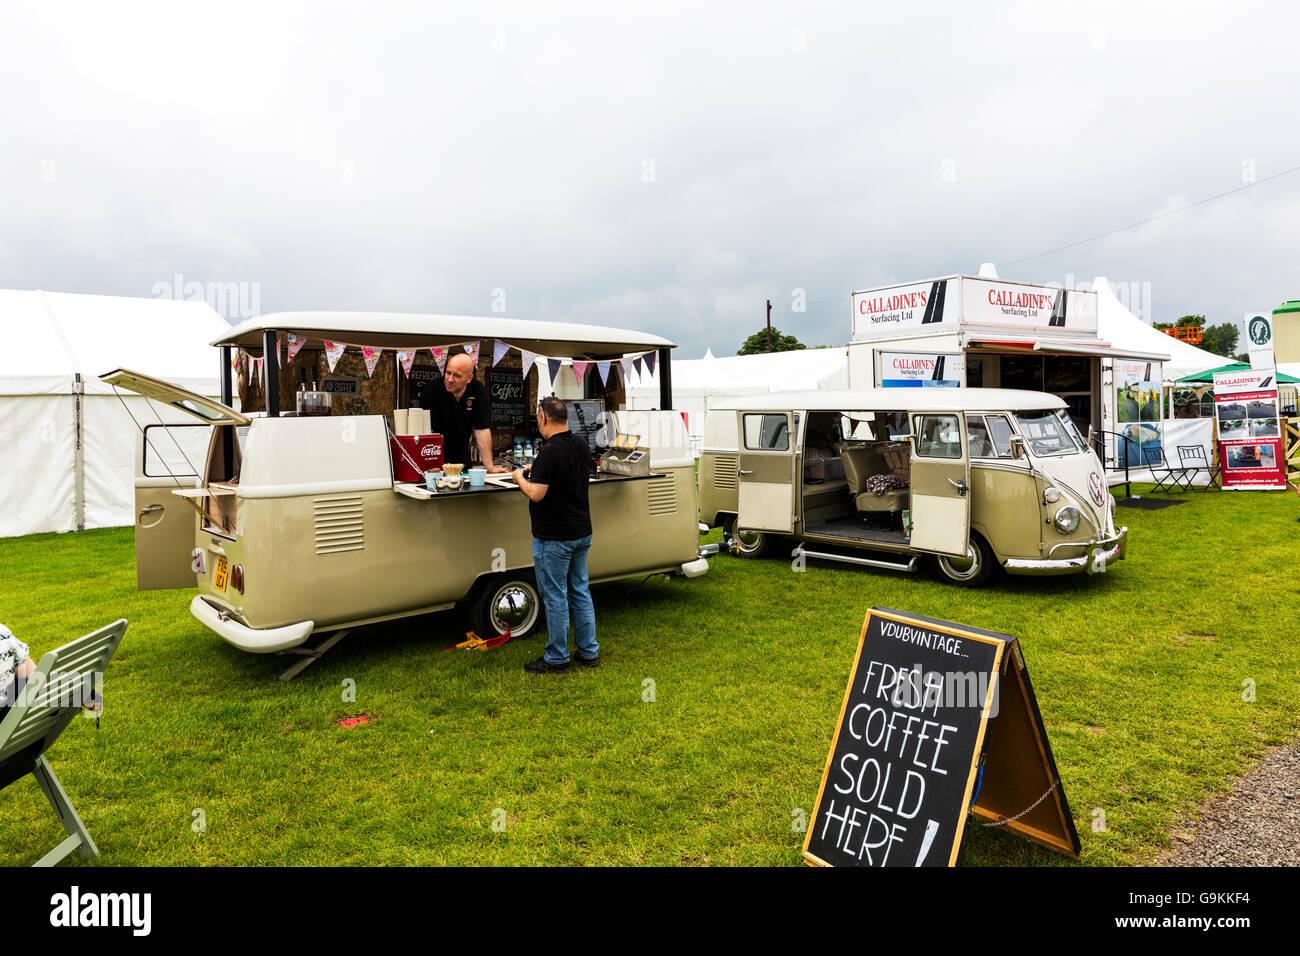 Cafe In VW Camper Van Trailer Conversion Volkswagen Coffee Tea UK England GB